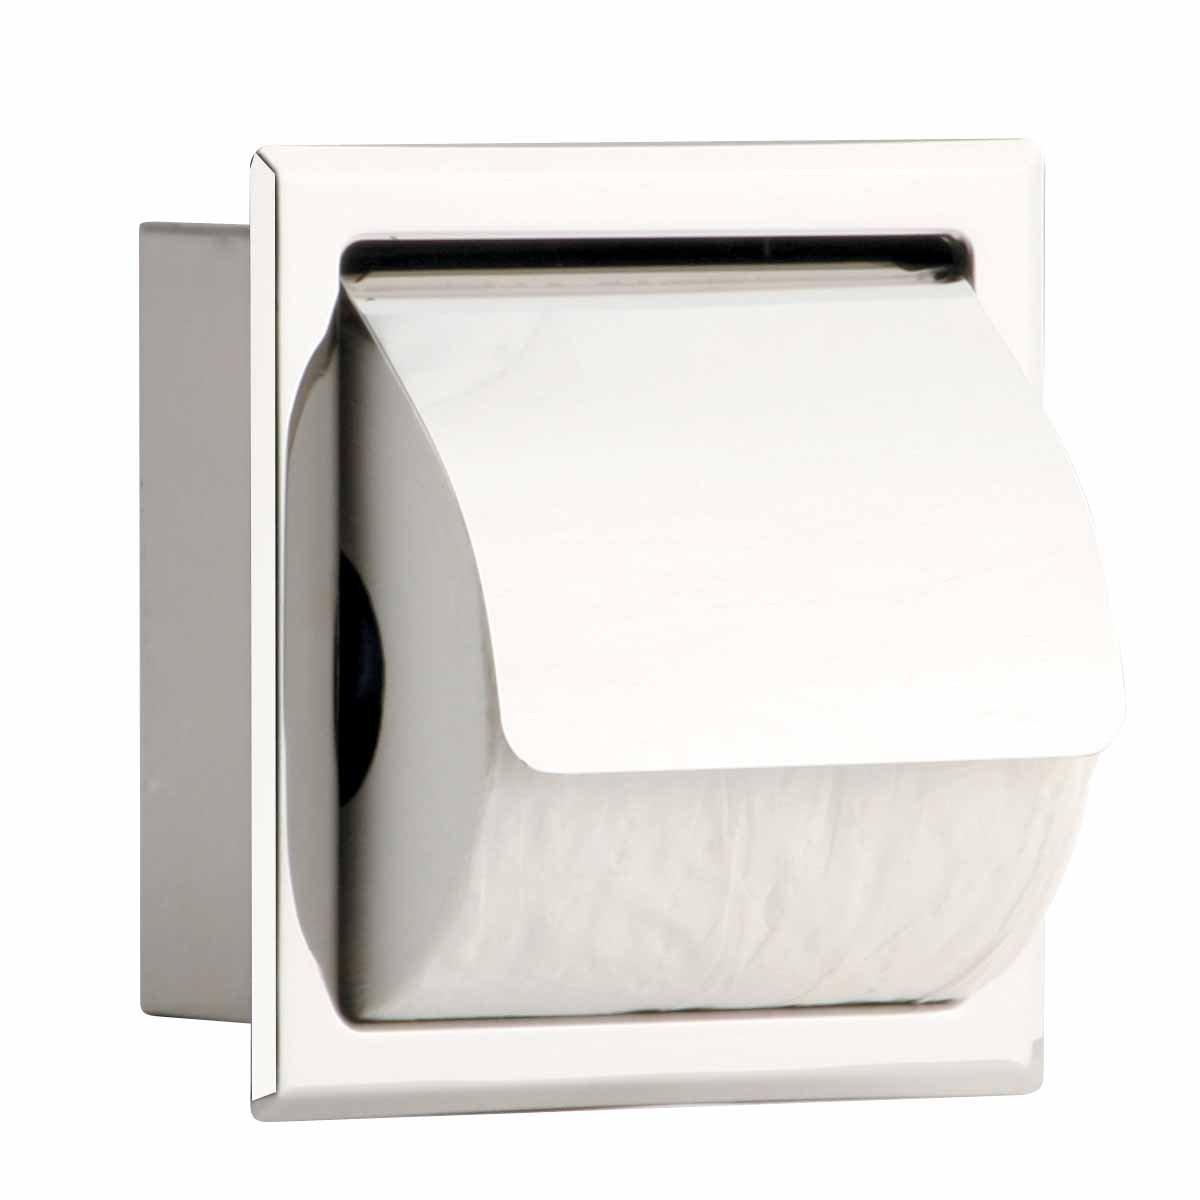 Recessed Ceramic Toilet Tissue Holder